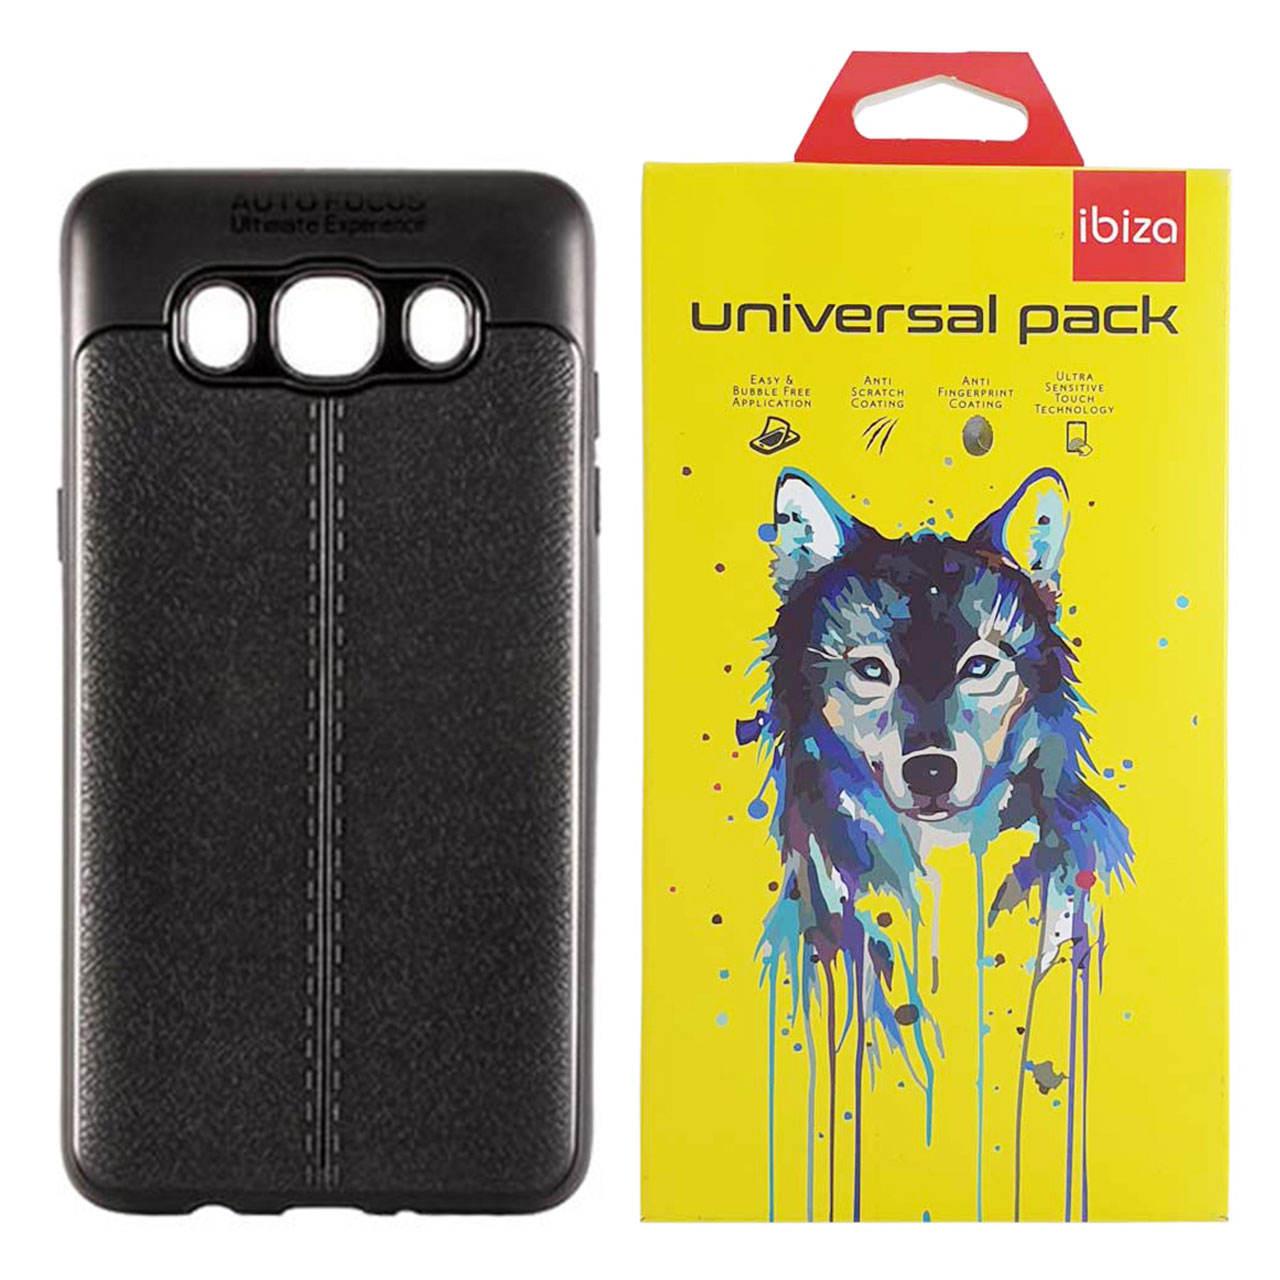 کاور ایبیزا مدل UE25010 مناسب برای گوشی موبایل سامسونگ Galaxy J7 2016